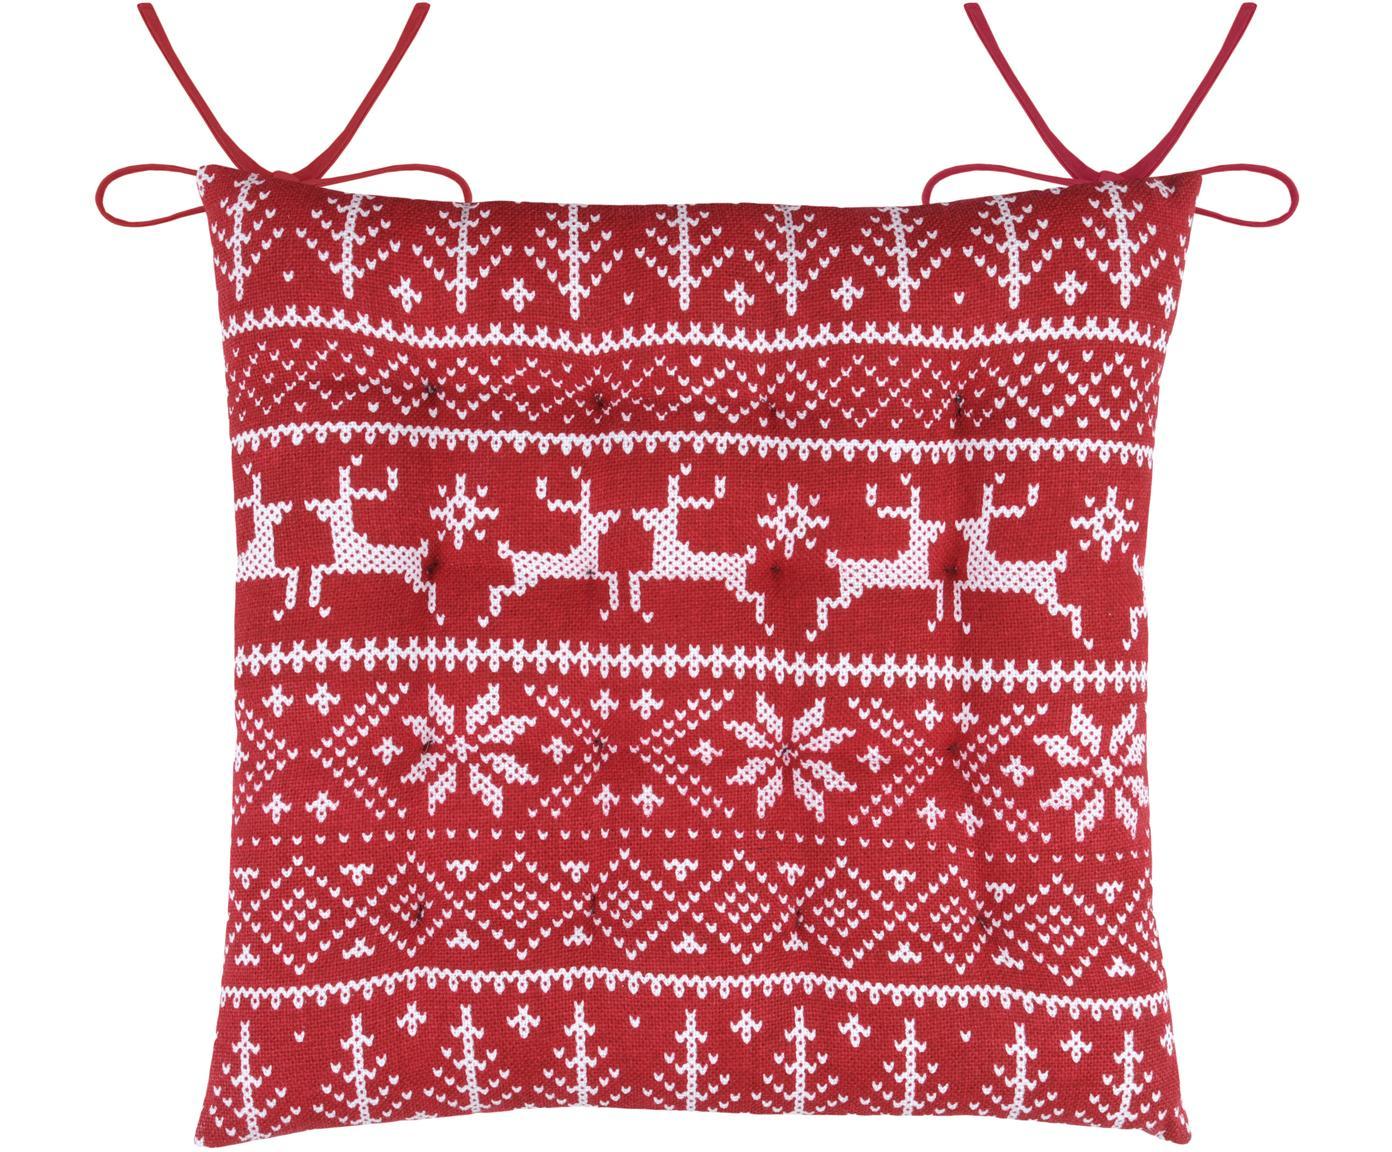 Cuscino sedia con motivo invernale Valmorel, Rosso, bianco, Larg. 40 x Lung. 40 cm